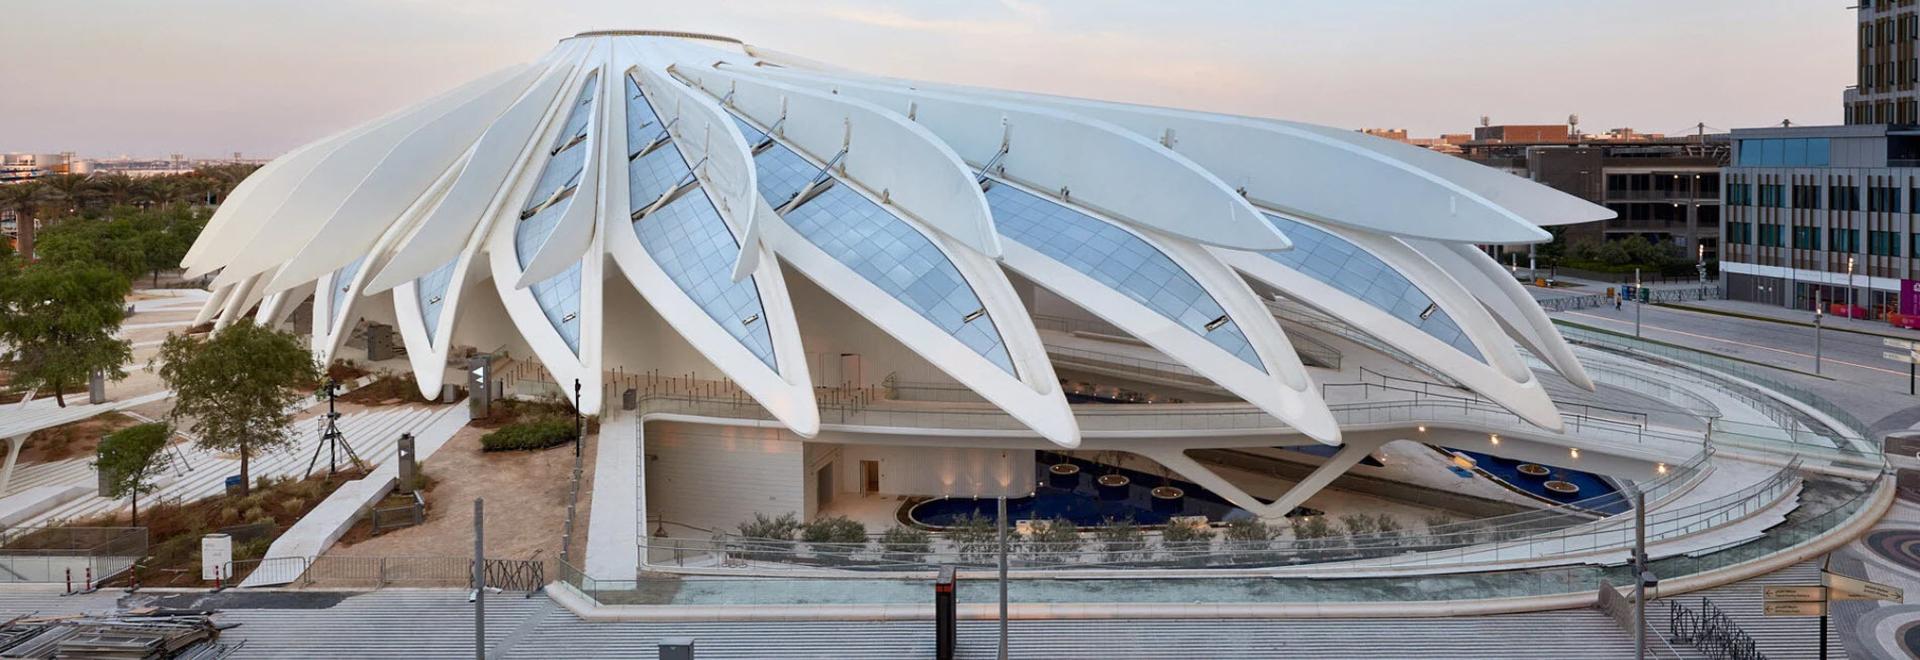 Santiago Calatrava unveils UAE and Qatar pavilions at Expo 2020 Dubai